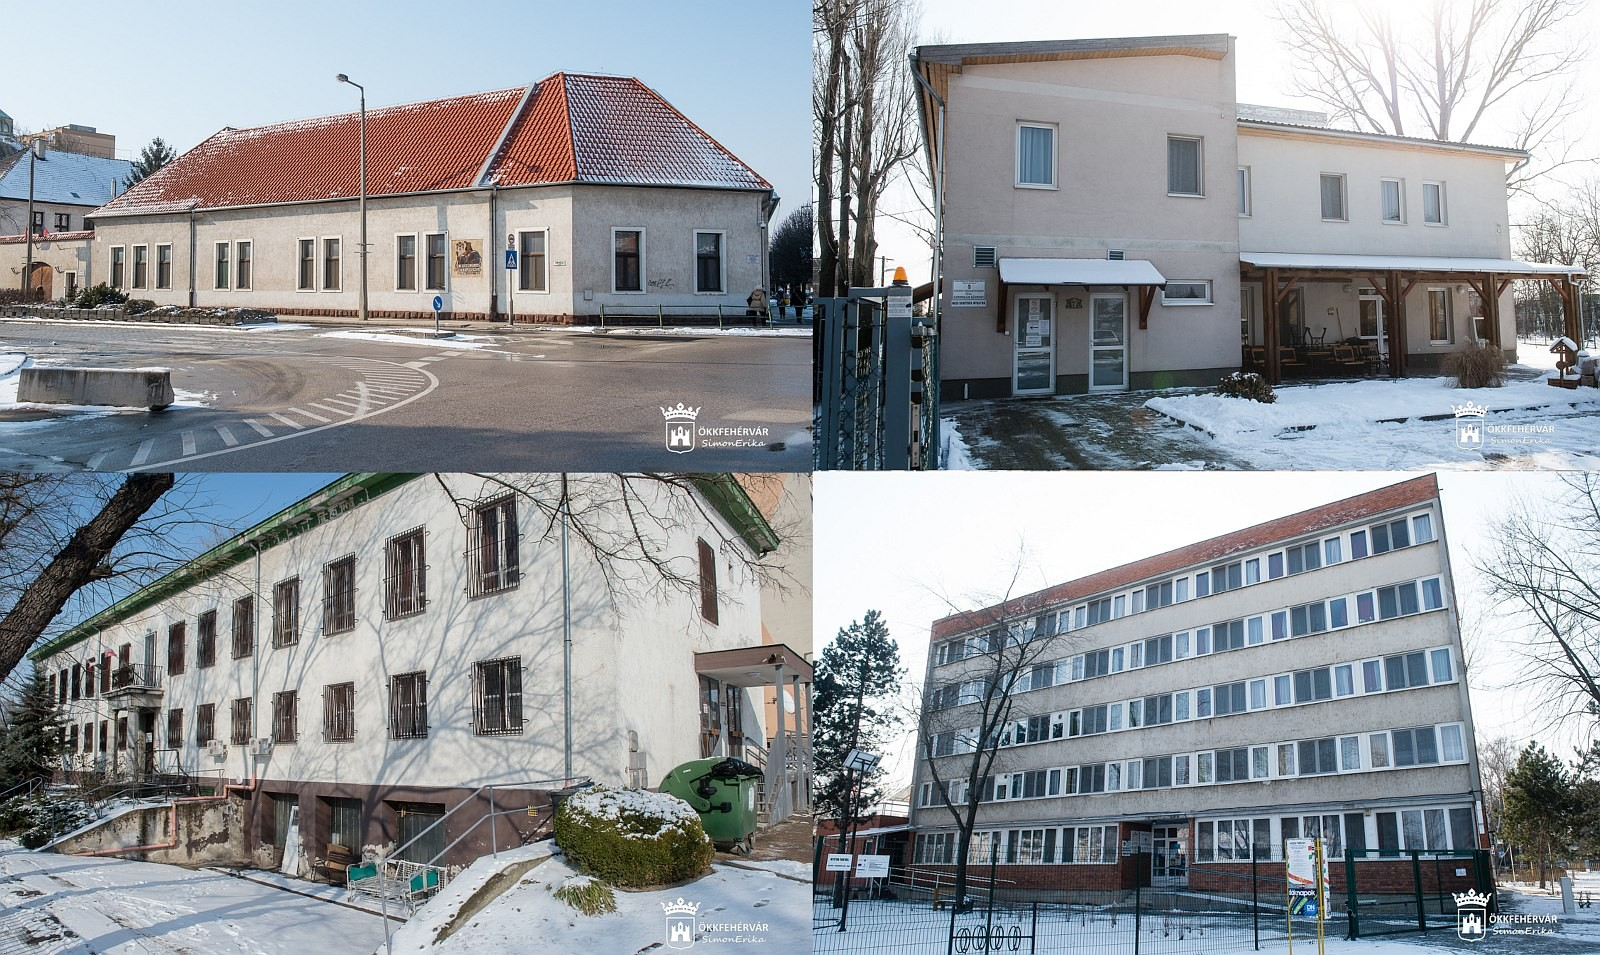 Egy új 150 fős idősotthon épül Székesfehérváron